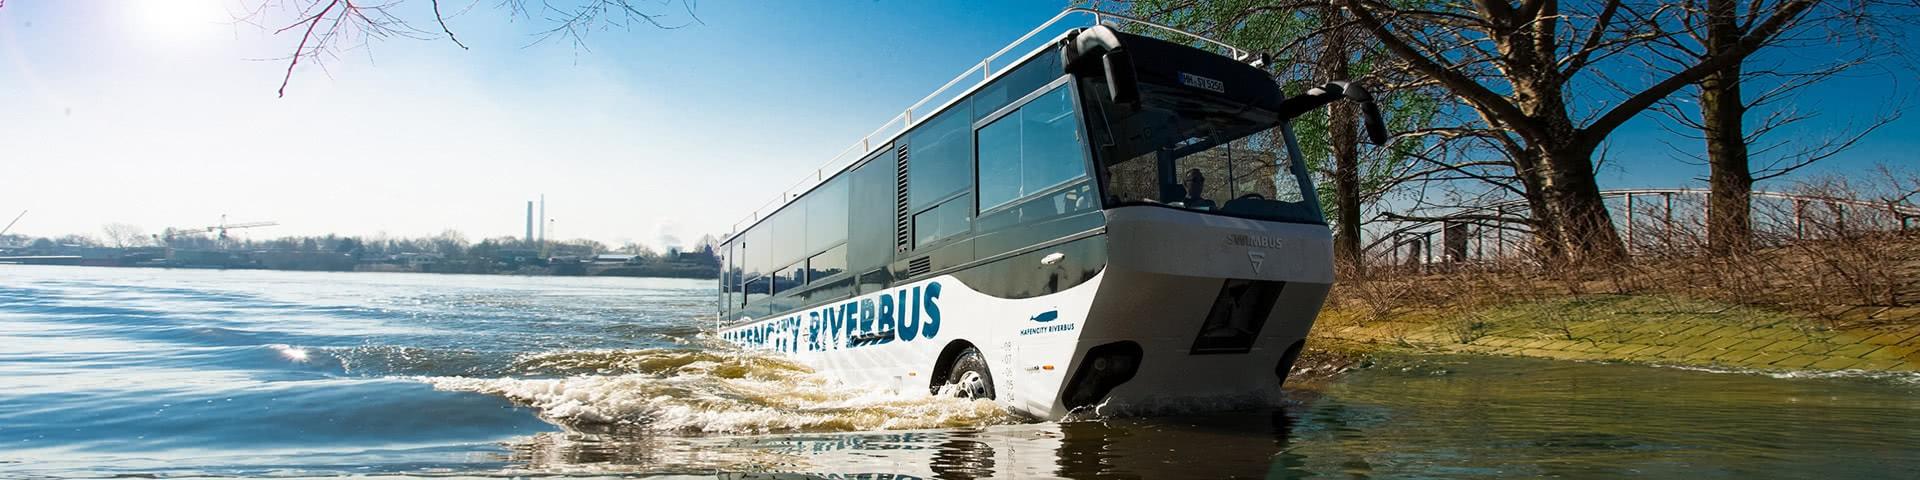 Hafencity Riverbus fährt aus dem Wasser raus aufs Land